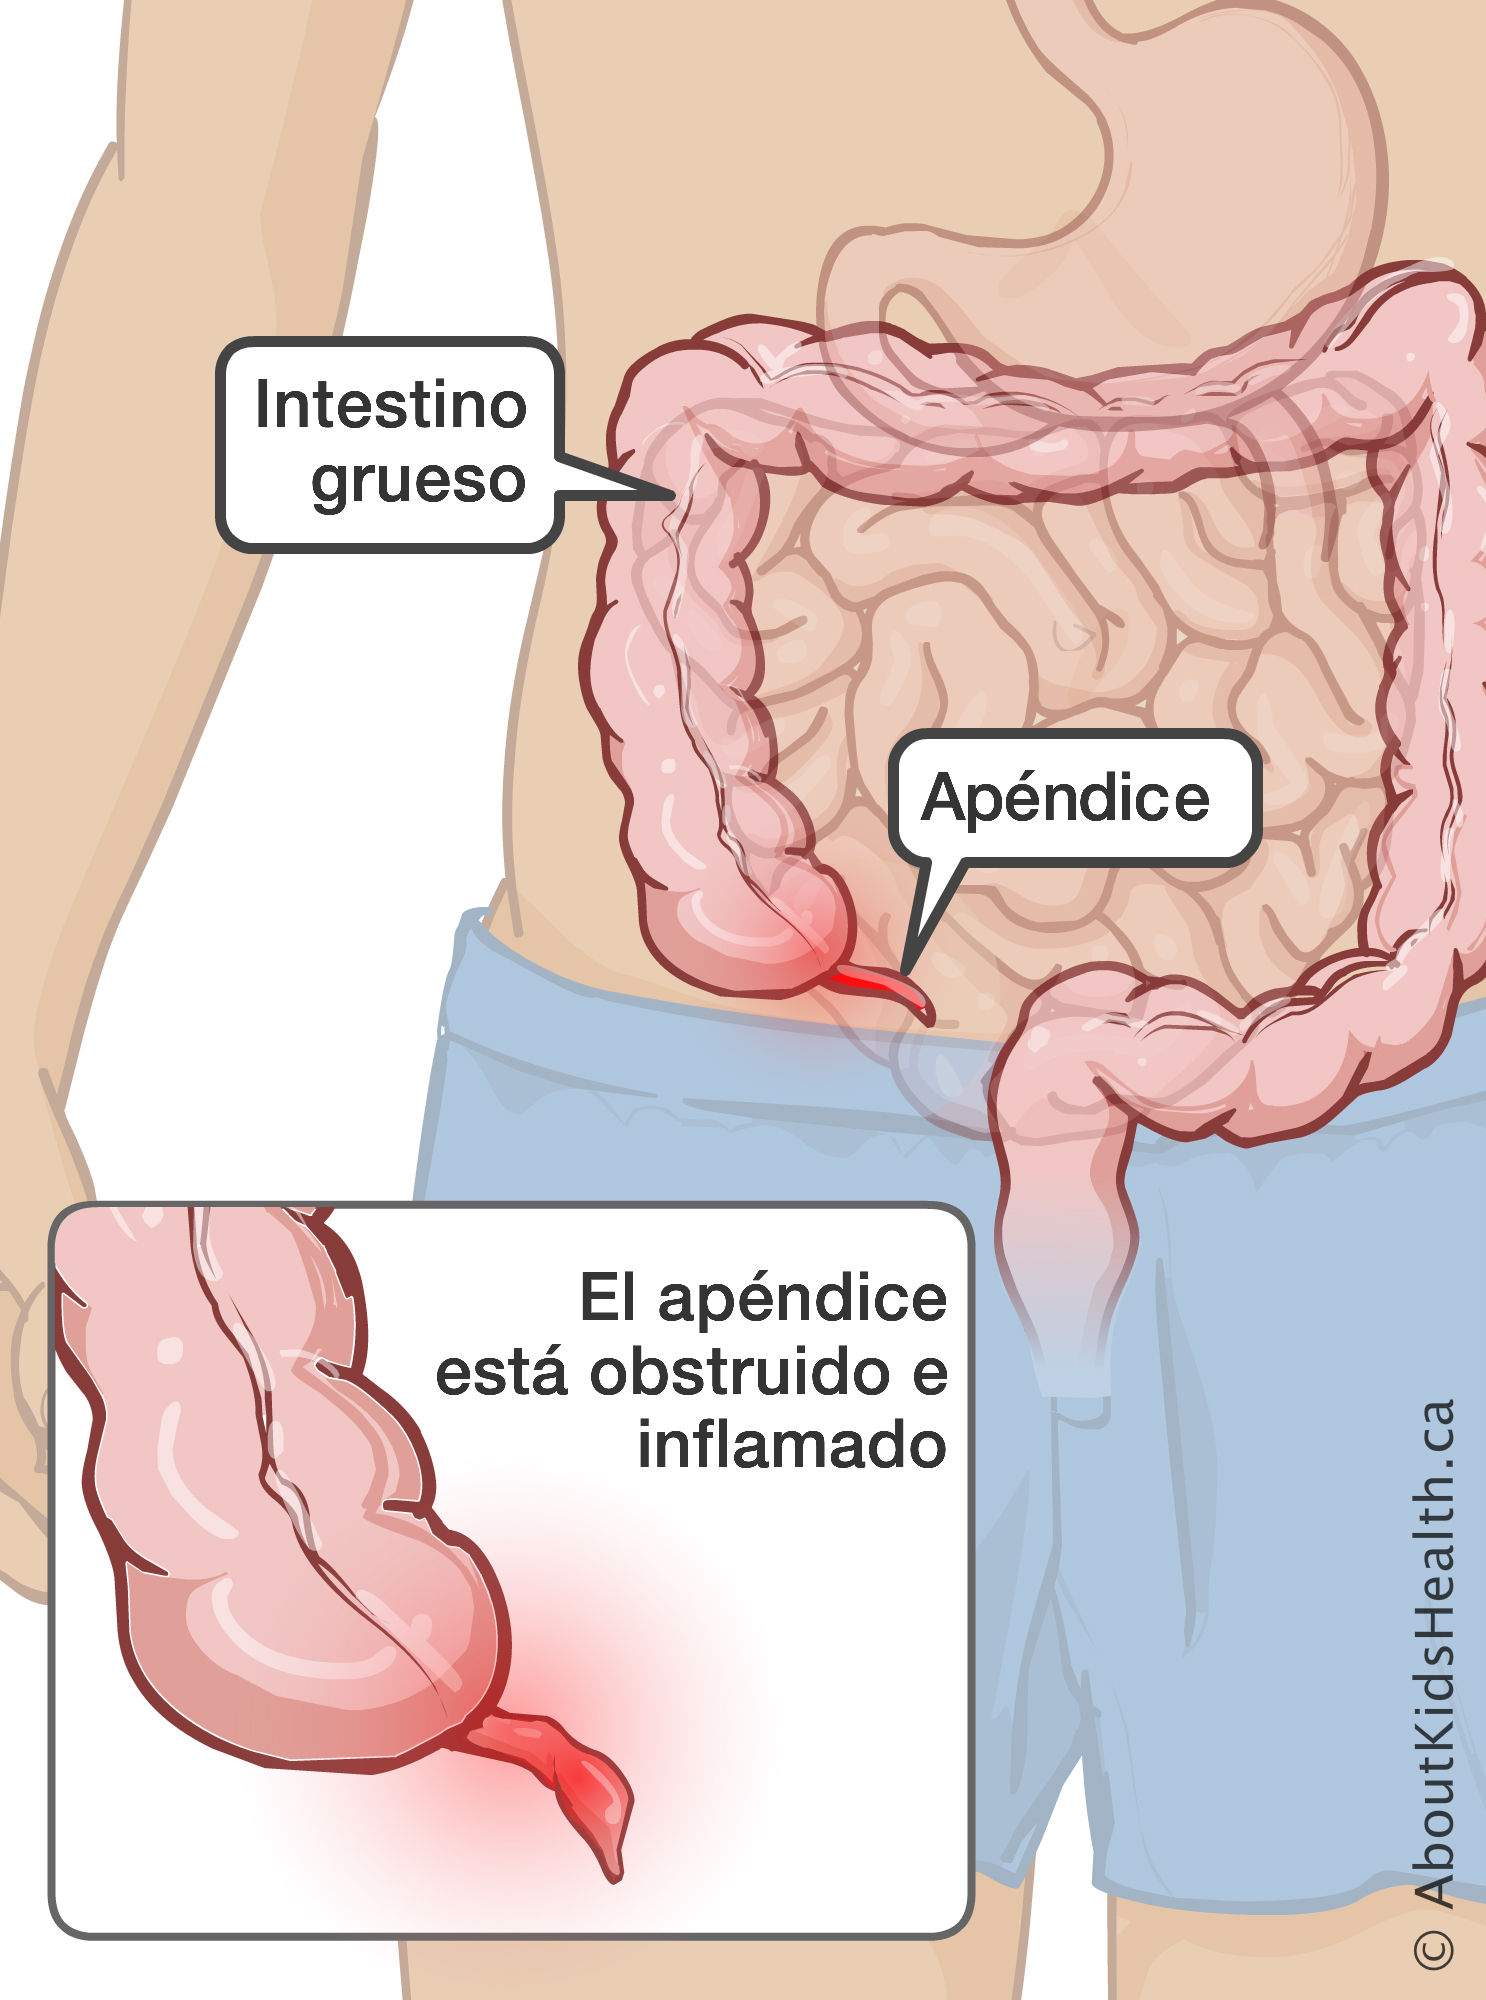 Apendicitis signos y sintomas